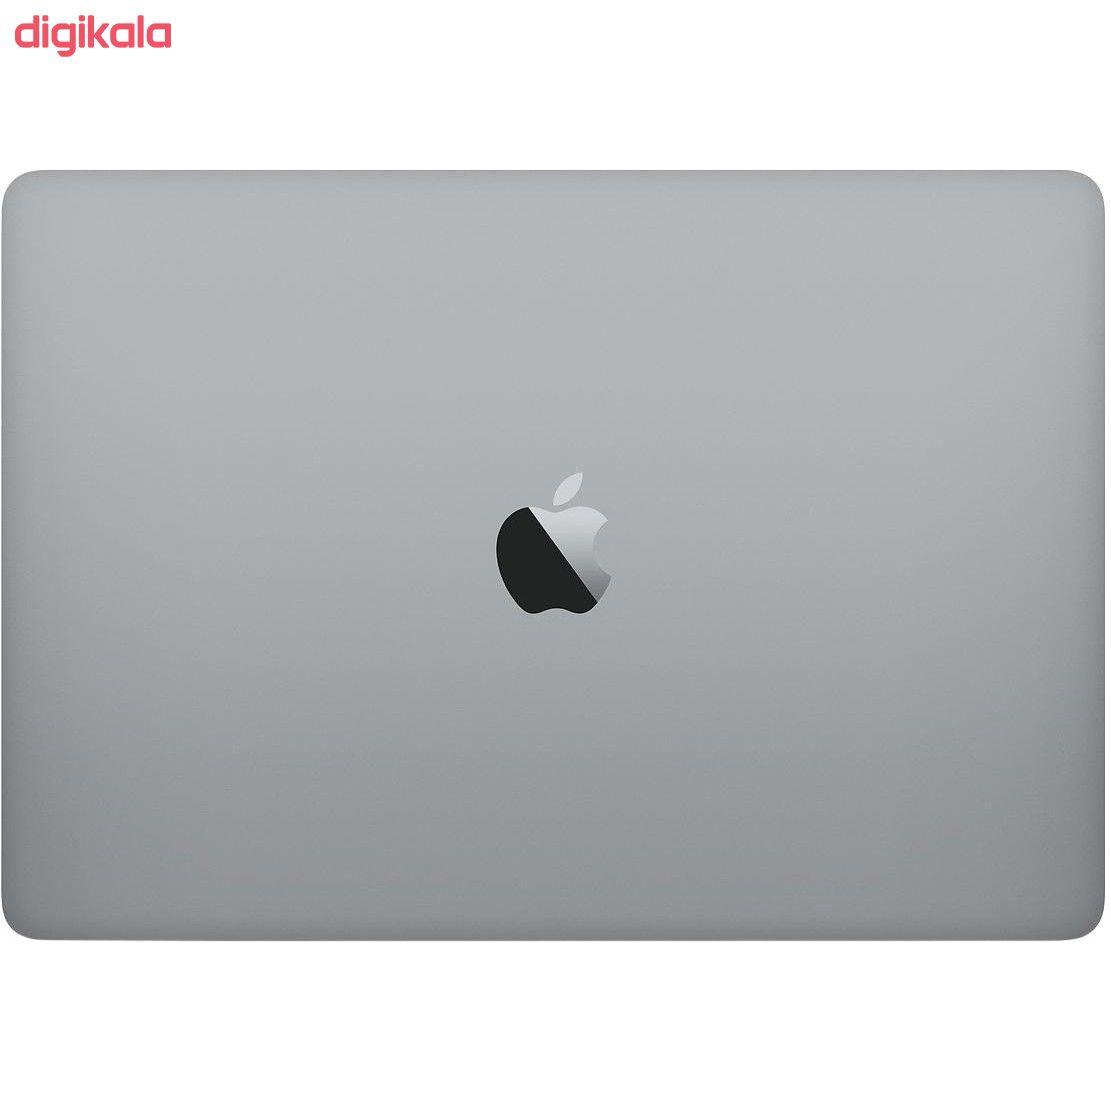 لپ تاپ 13 اینچی اپل مدل MacBook Pro MWP42 2020 همراه با تاچ بار  main 1 2